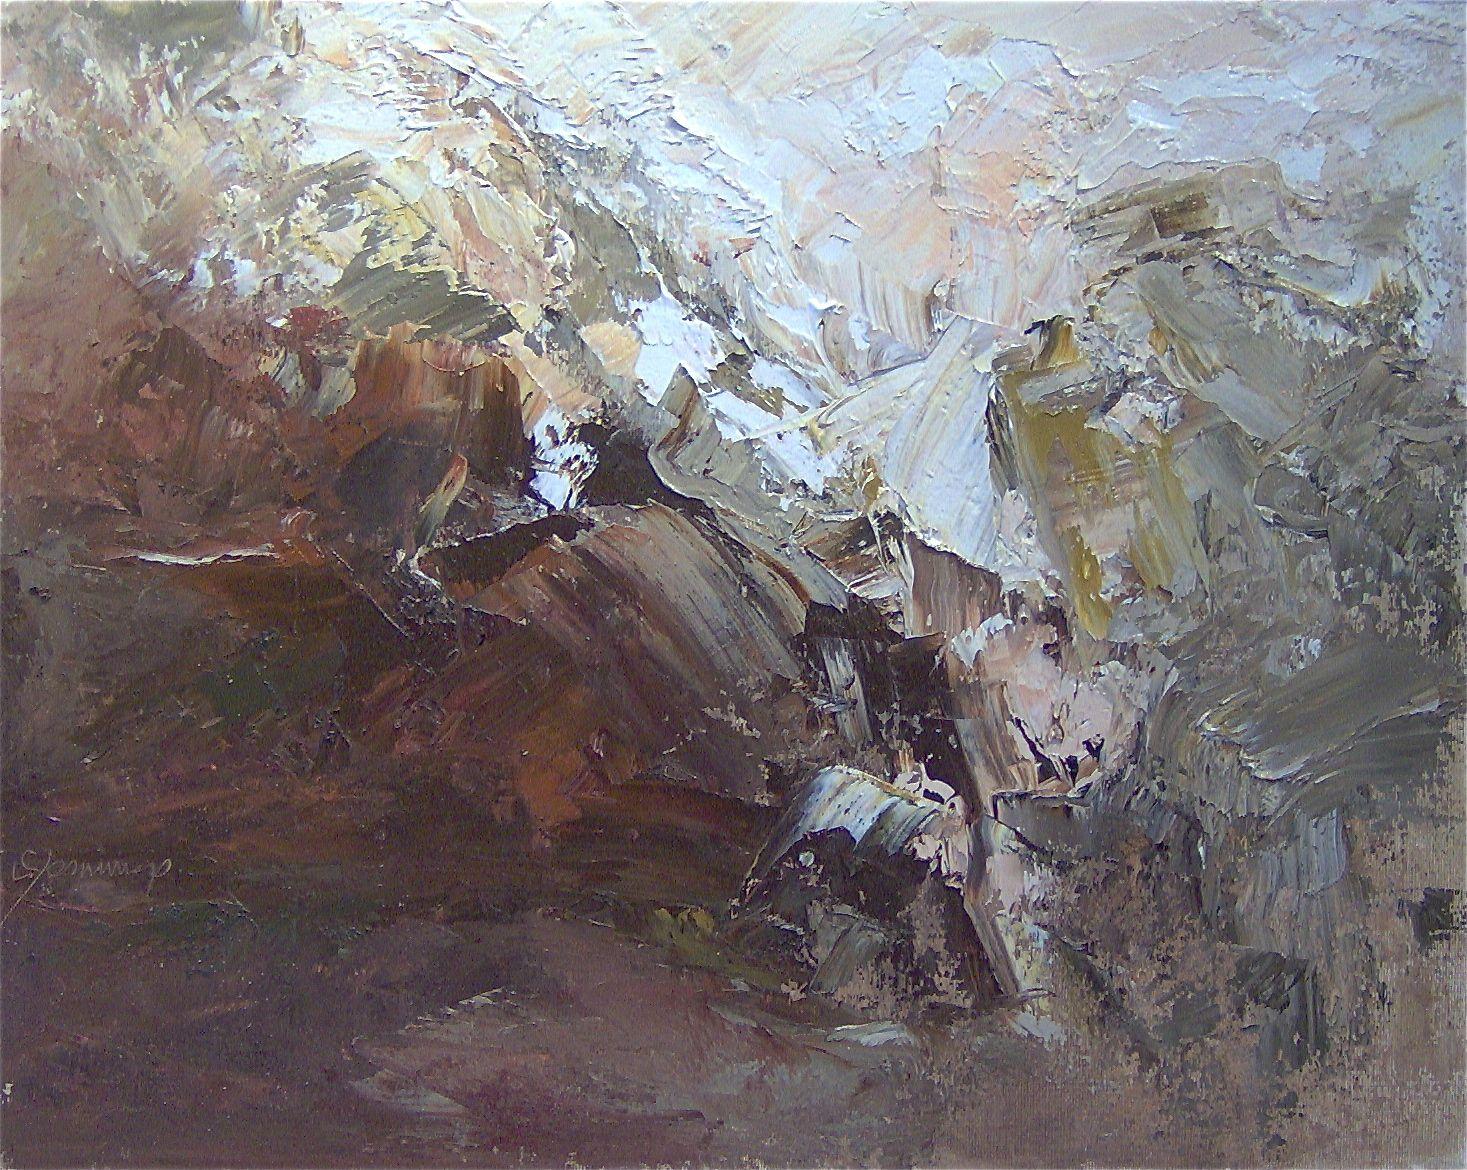 Storm Wash by  Lynette Jennings - Masterpiece Online